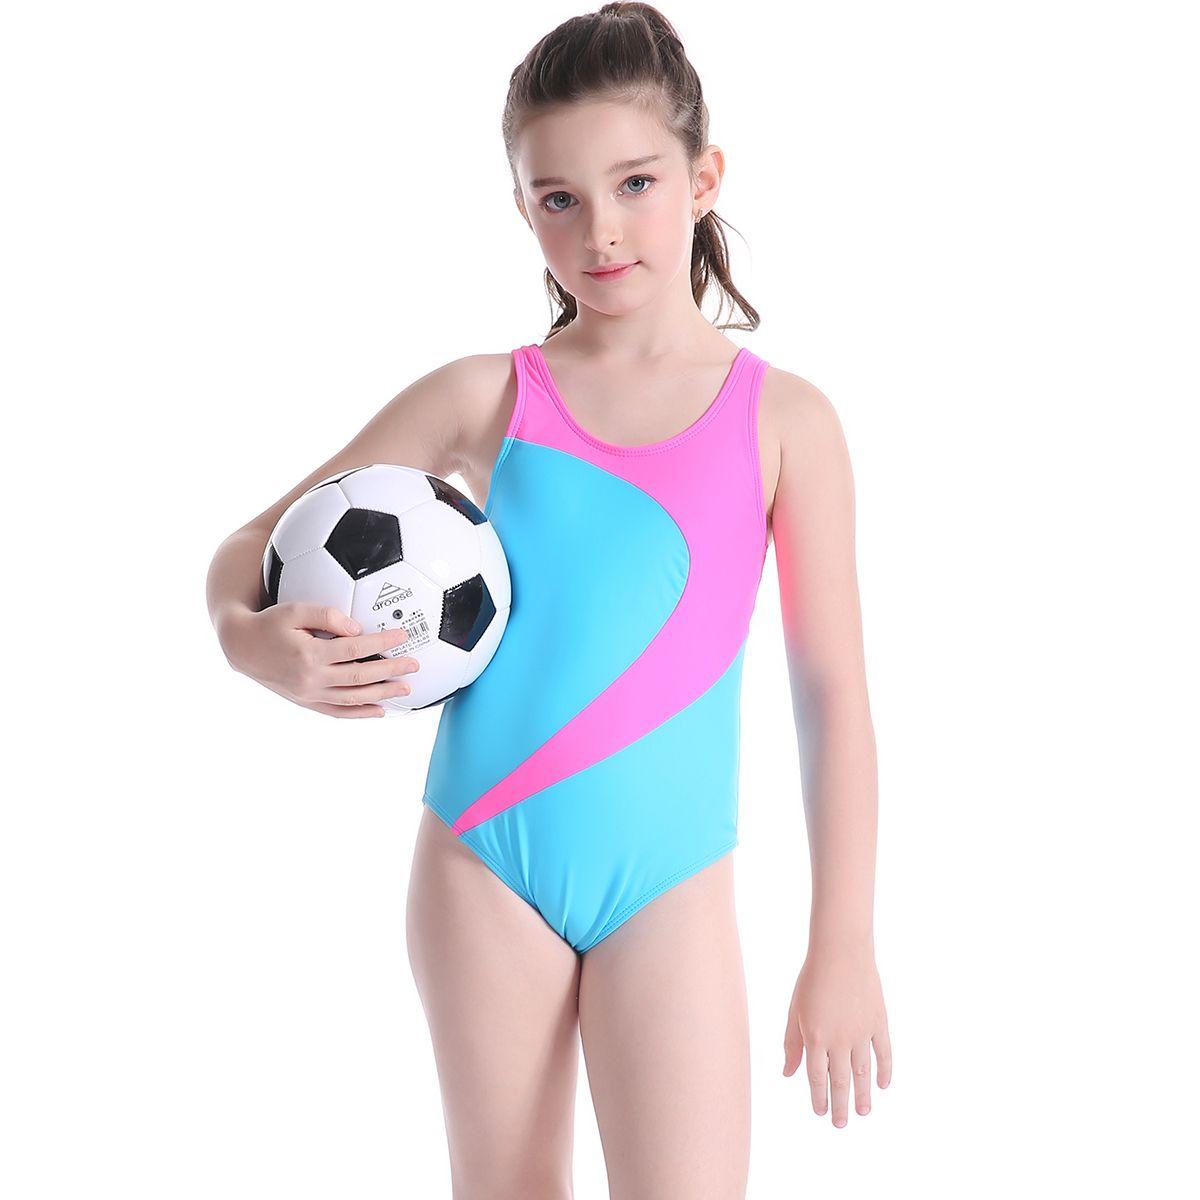 2017 badeanzug Mädchen Einteilige Badebekleidung Baby Body Kinder Bademode Sport Badeanzug Badeanzug